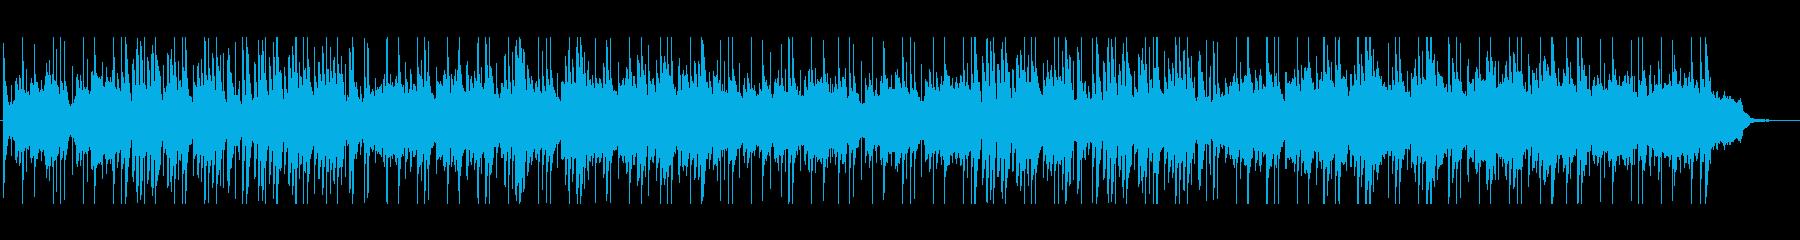 ポールモーリアの恋は水色風フレンチポップの再生済みの波形